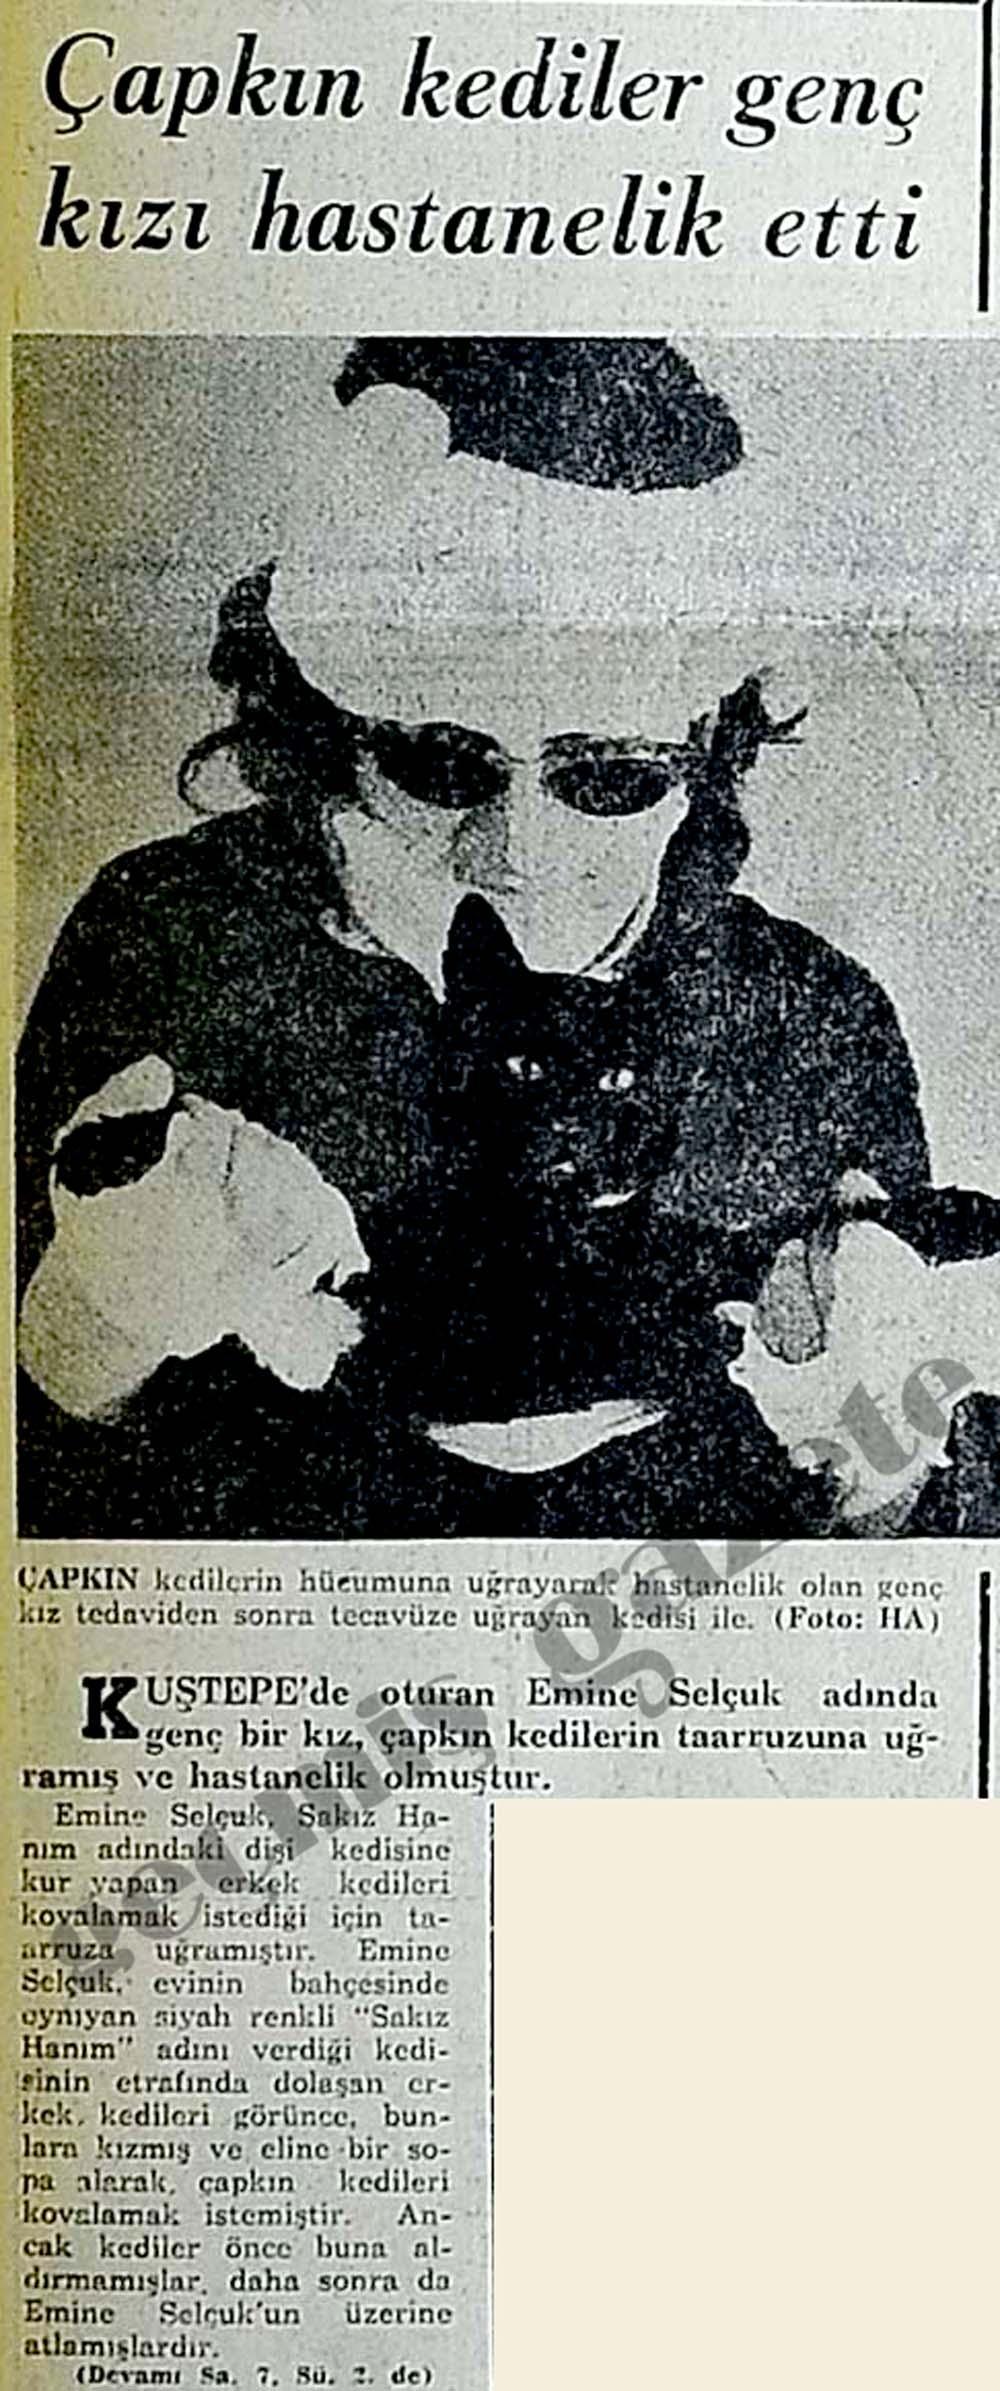 Çapkın kediler genç kızı hastanelik etti